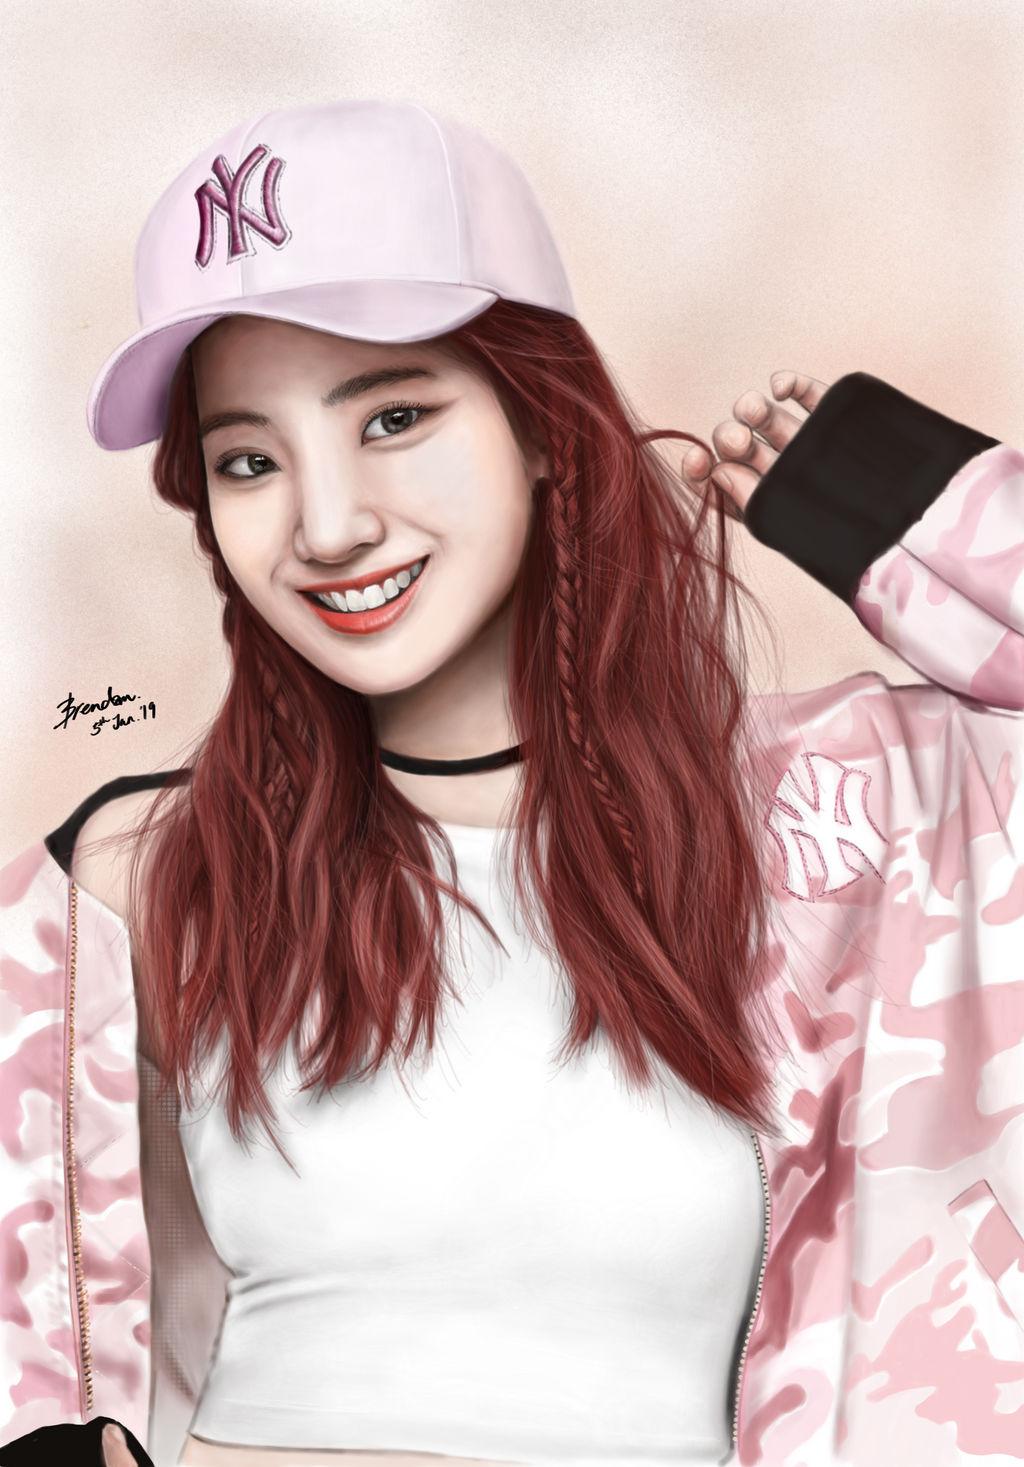 Korean Idols On Asian-Girls-Fan-Club - Deviantart-7869